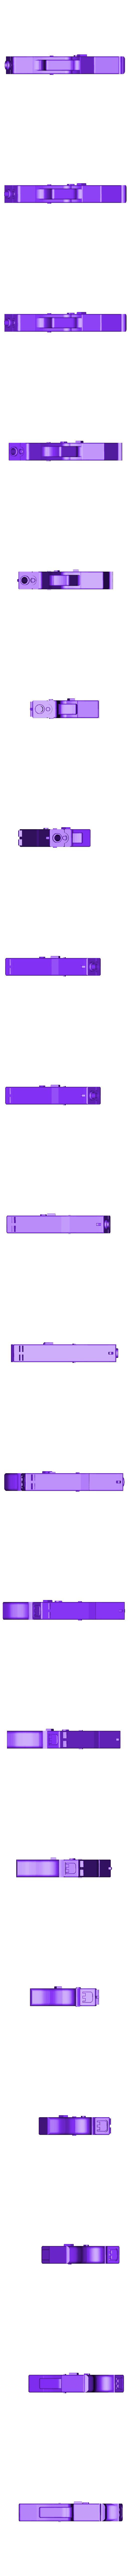 Glock_43fini.stl Télécharger fichier STL Glock 43  • Design à imprimer en 3D, ThePrinter_i